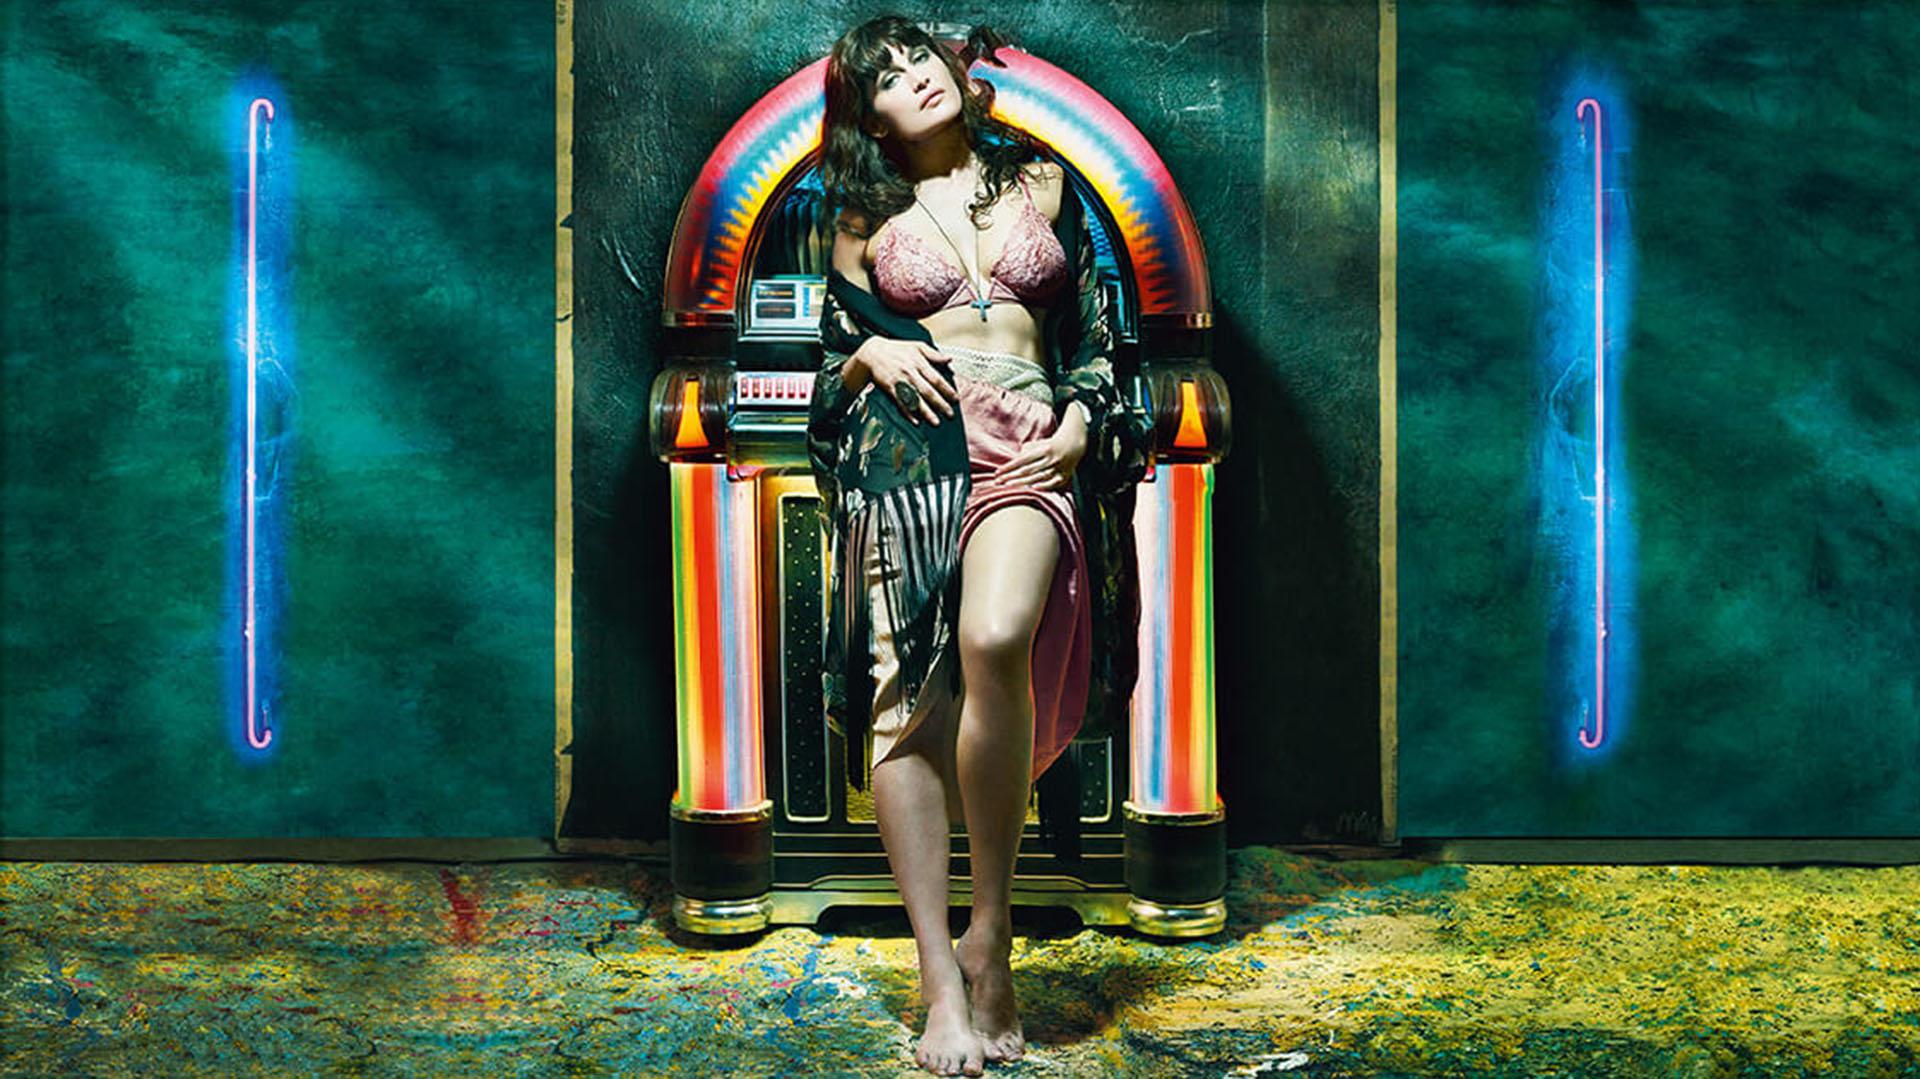 La modelo y actriz Laetitia Casta. muestra su gran sensualidad en la producción fotográfica